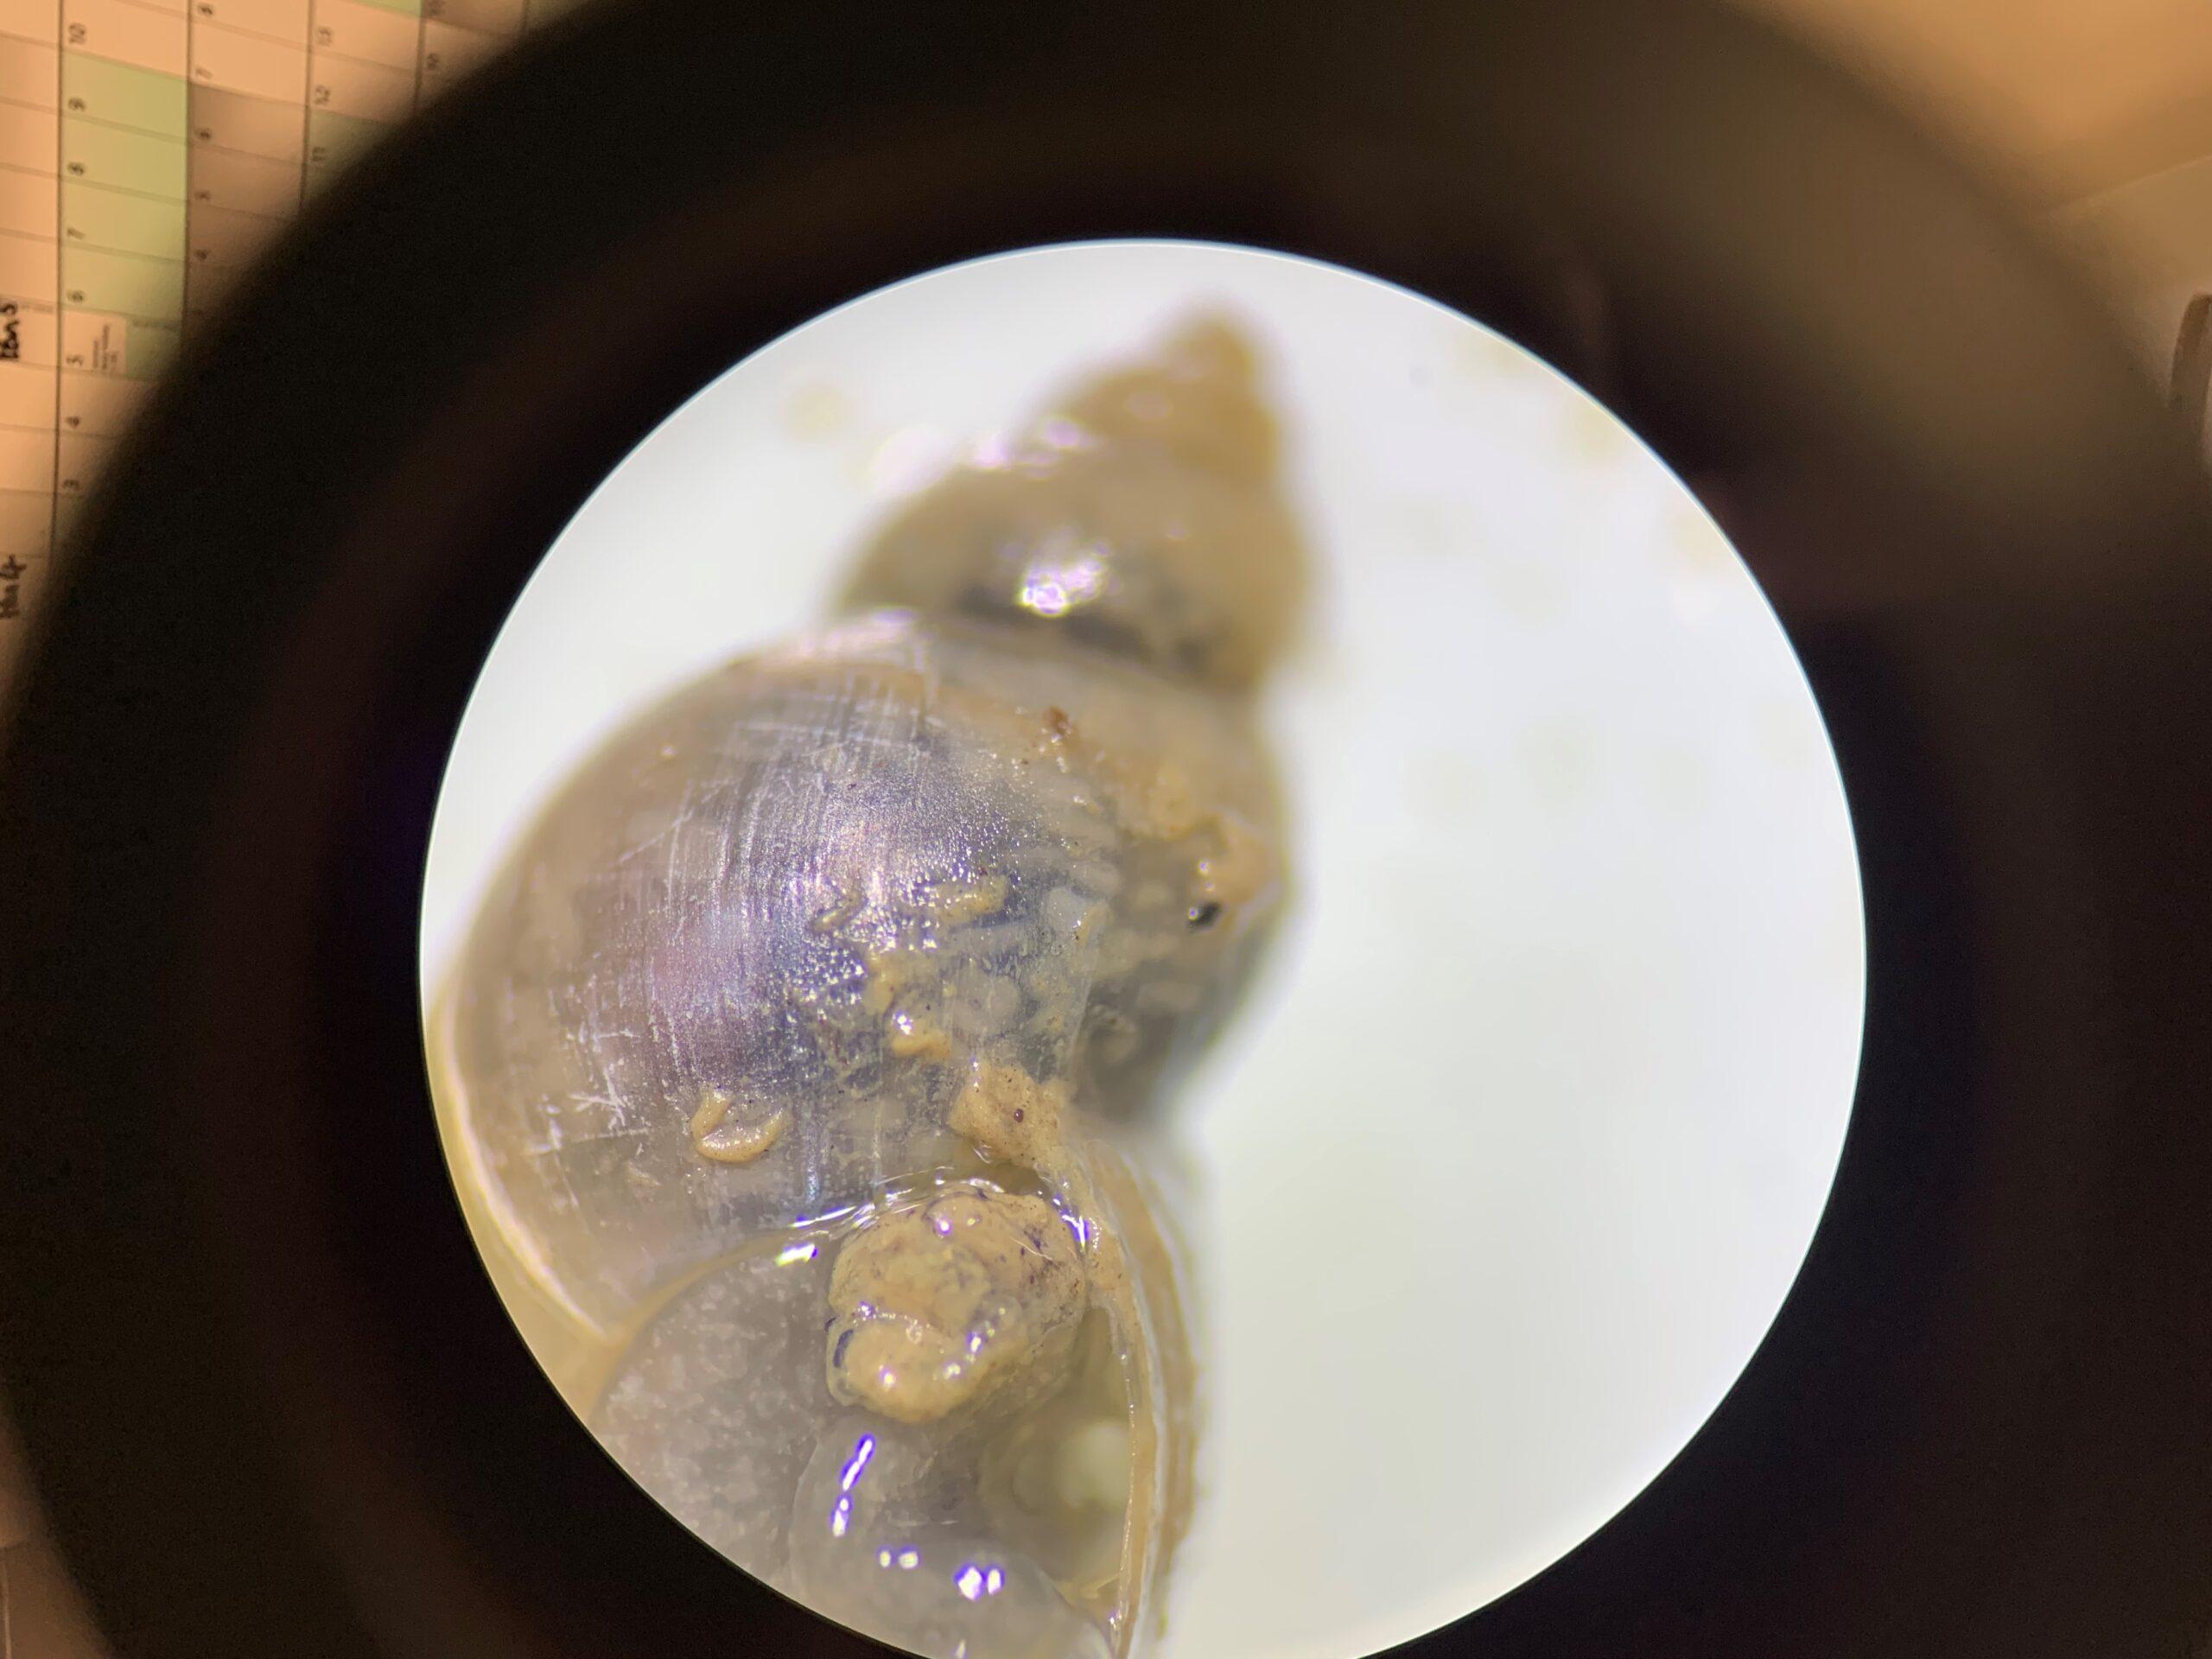 Infected Liver fluke snail